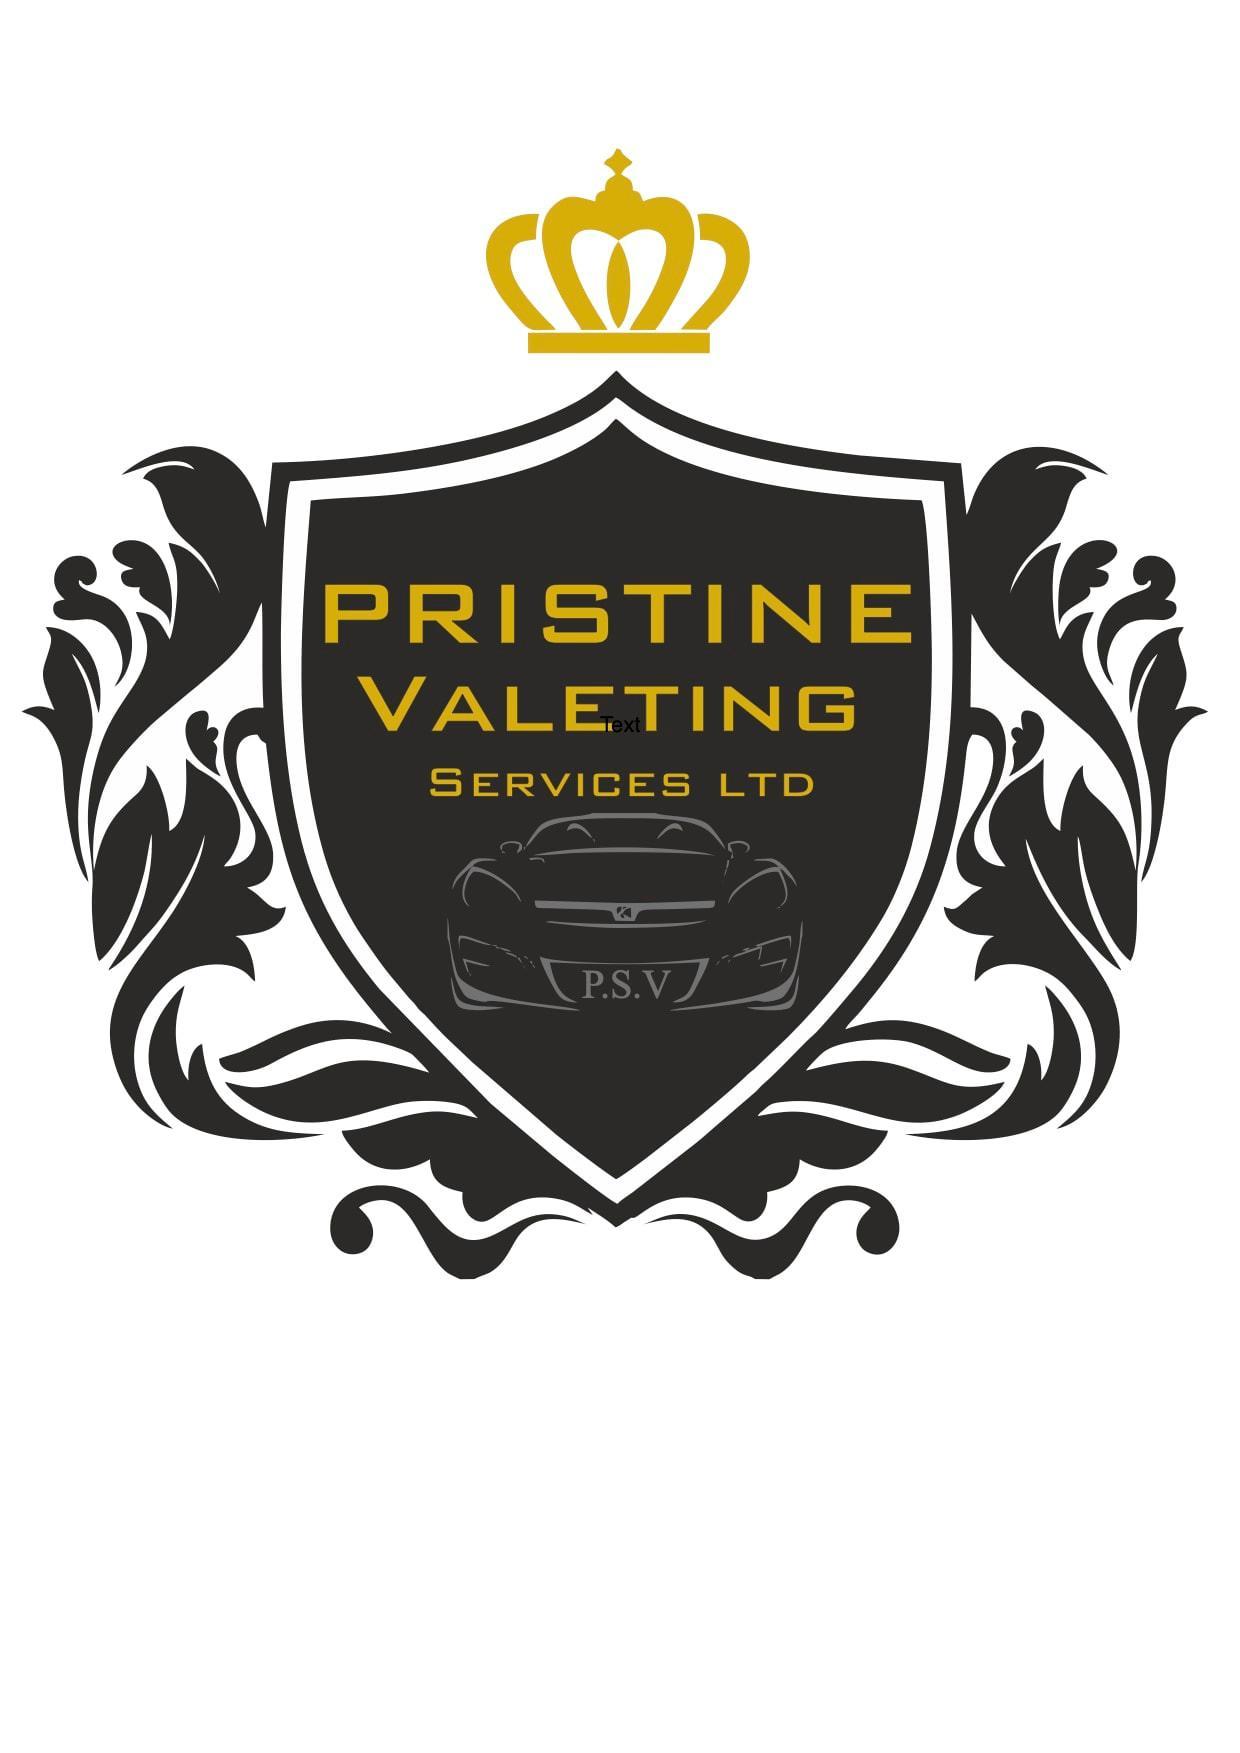 Pristine Valeting Services Ltd